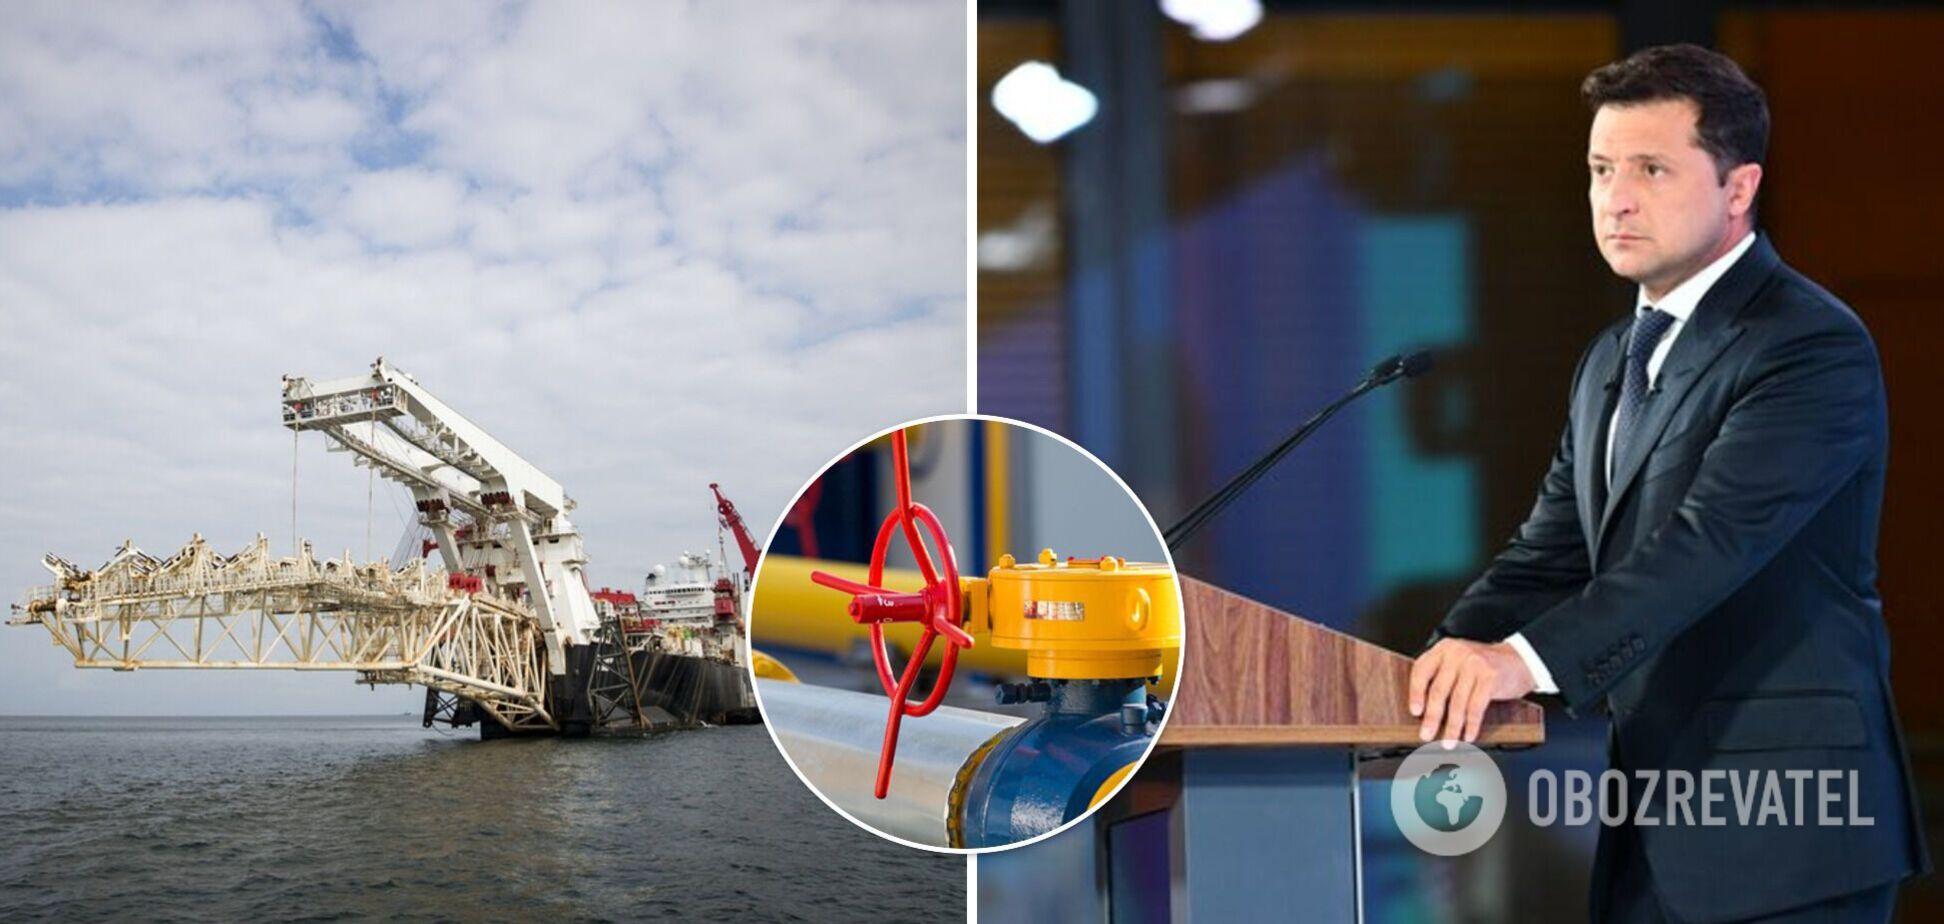 Зеленский заявил, что российский газ является самым грязным в мире